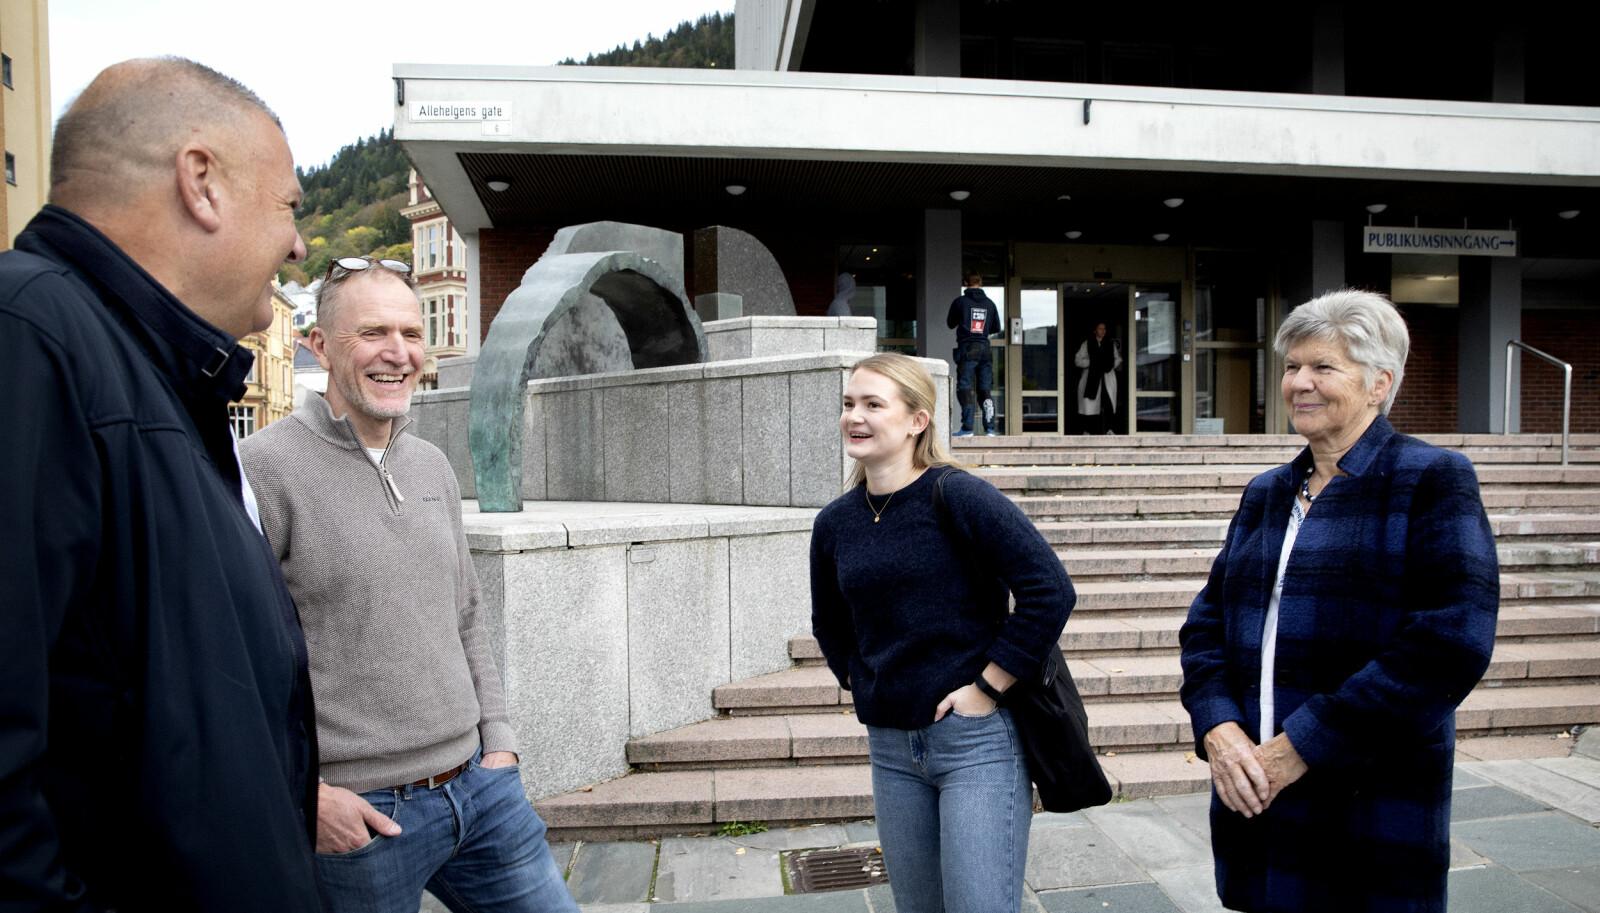 MØTEPLASS: Gjensynsgleden var stor da Veline fikk møte farens kolleger. Fra venstre; Hans-Eirik Thue, Anders Opsal og Tone Midttun.